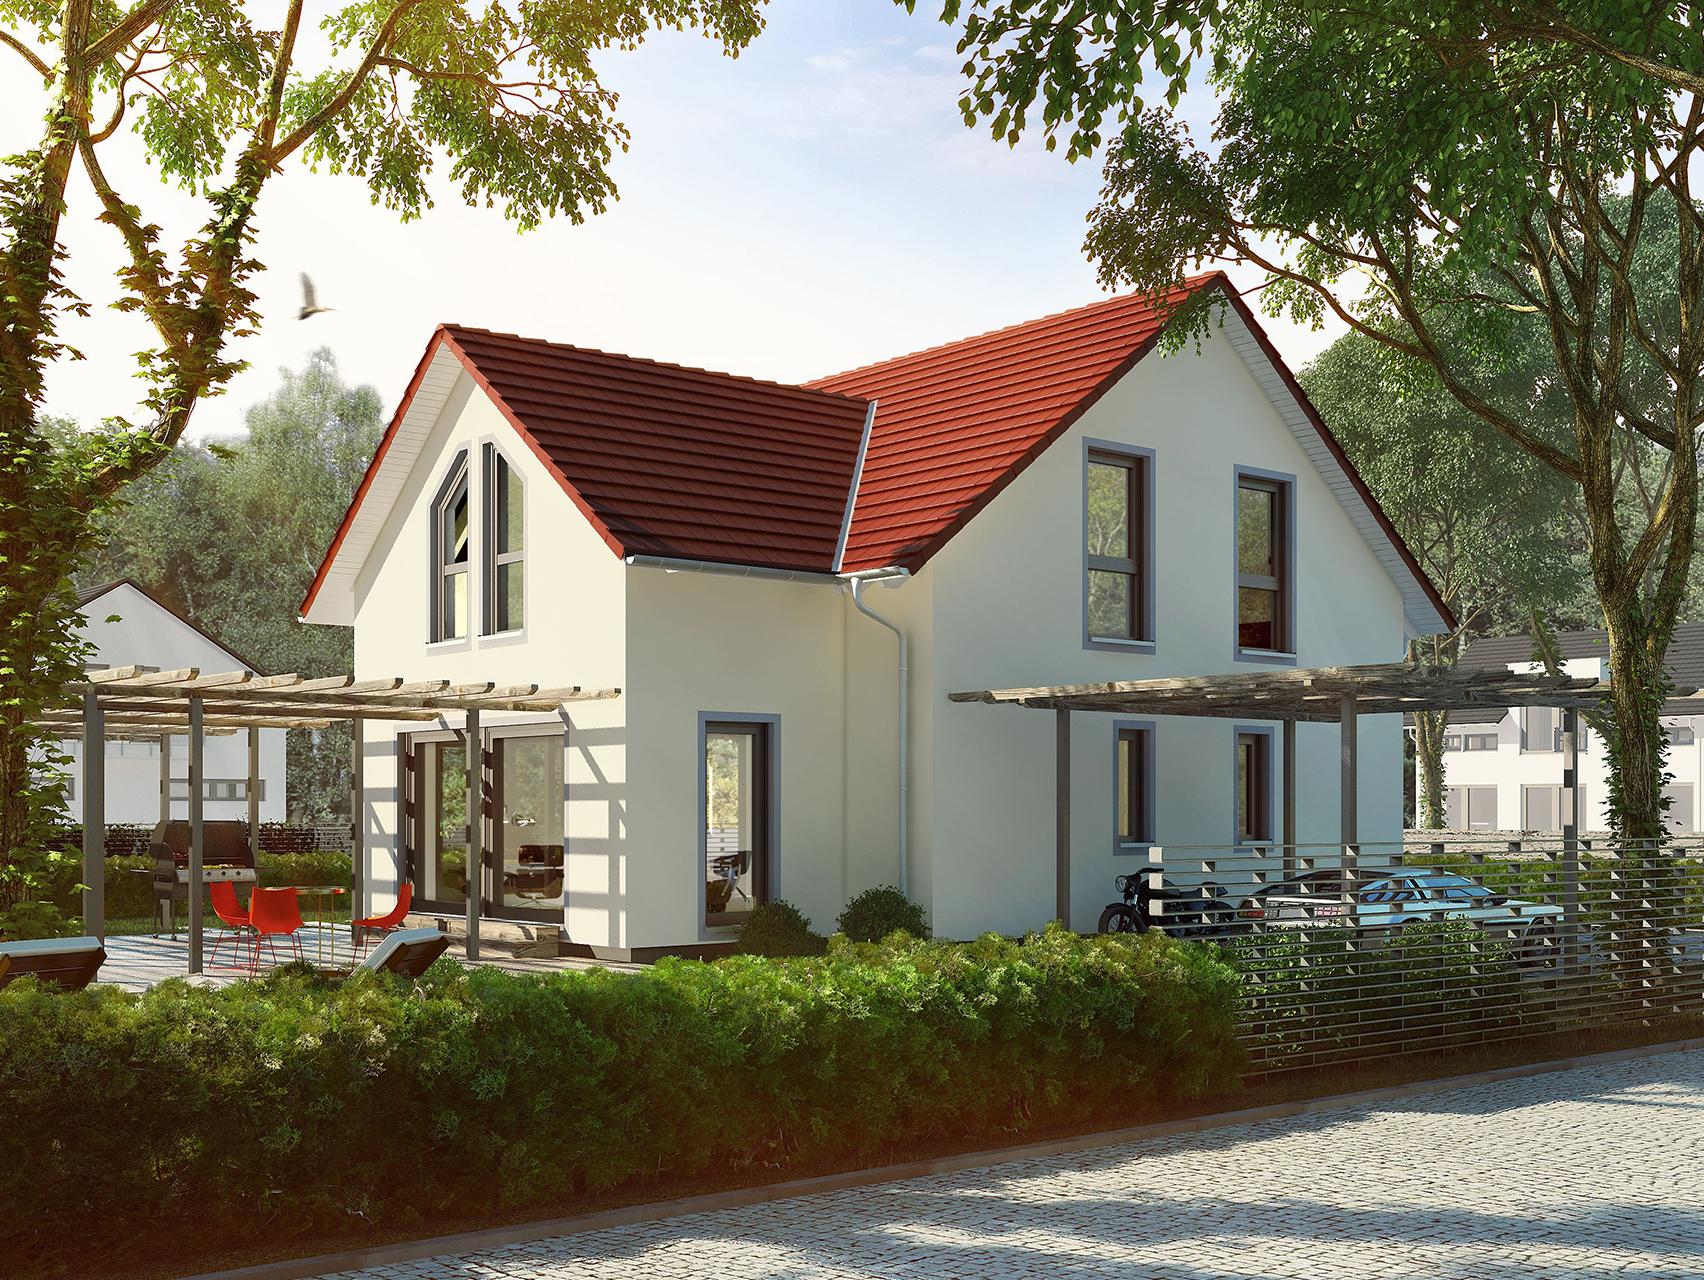 Wunderbar Einfamilienhaus Satteldach Dekoration Von